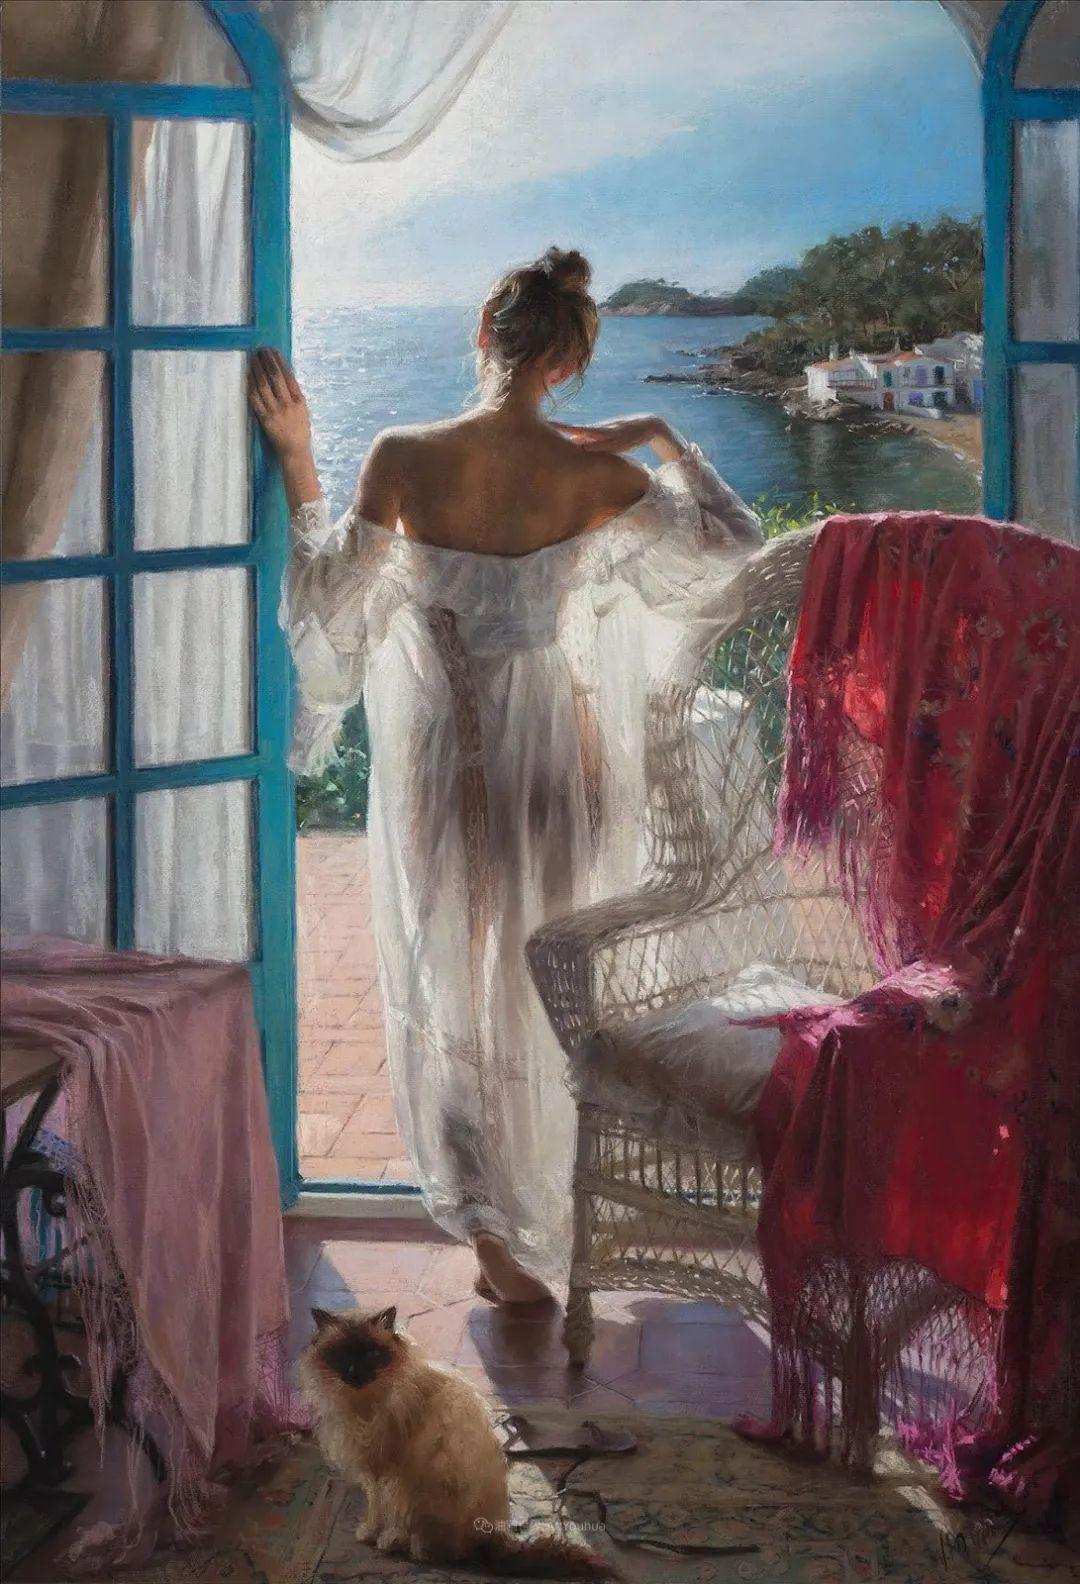 地中海暖阳下,穿裙的女子,浪漫美丽!插图9